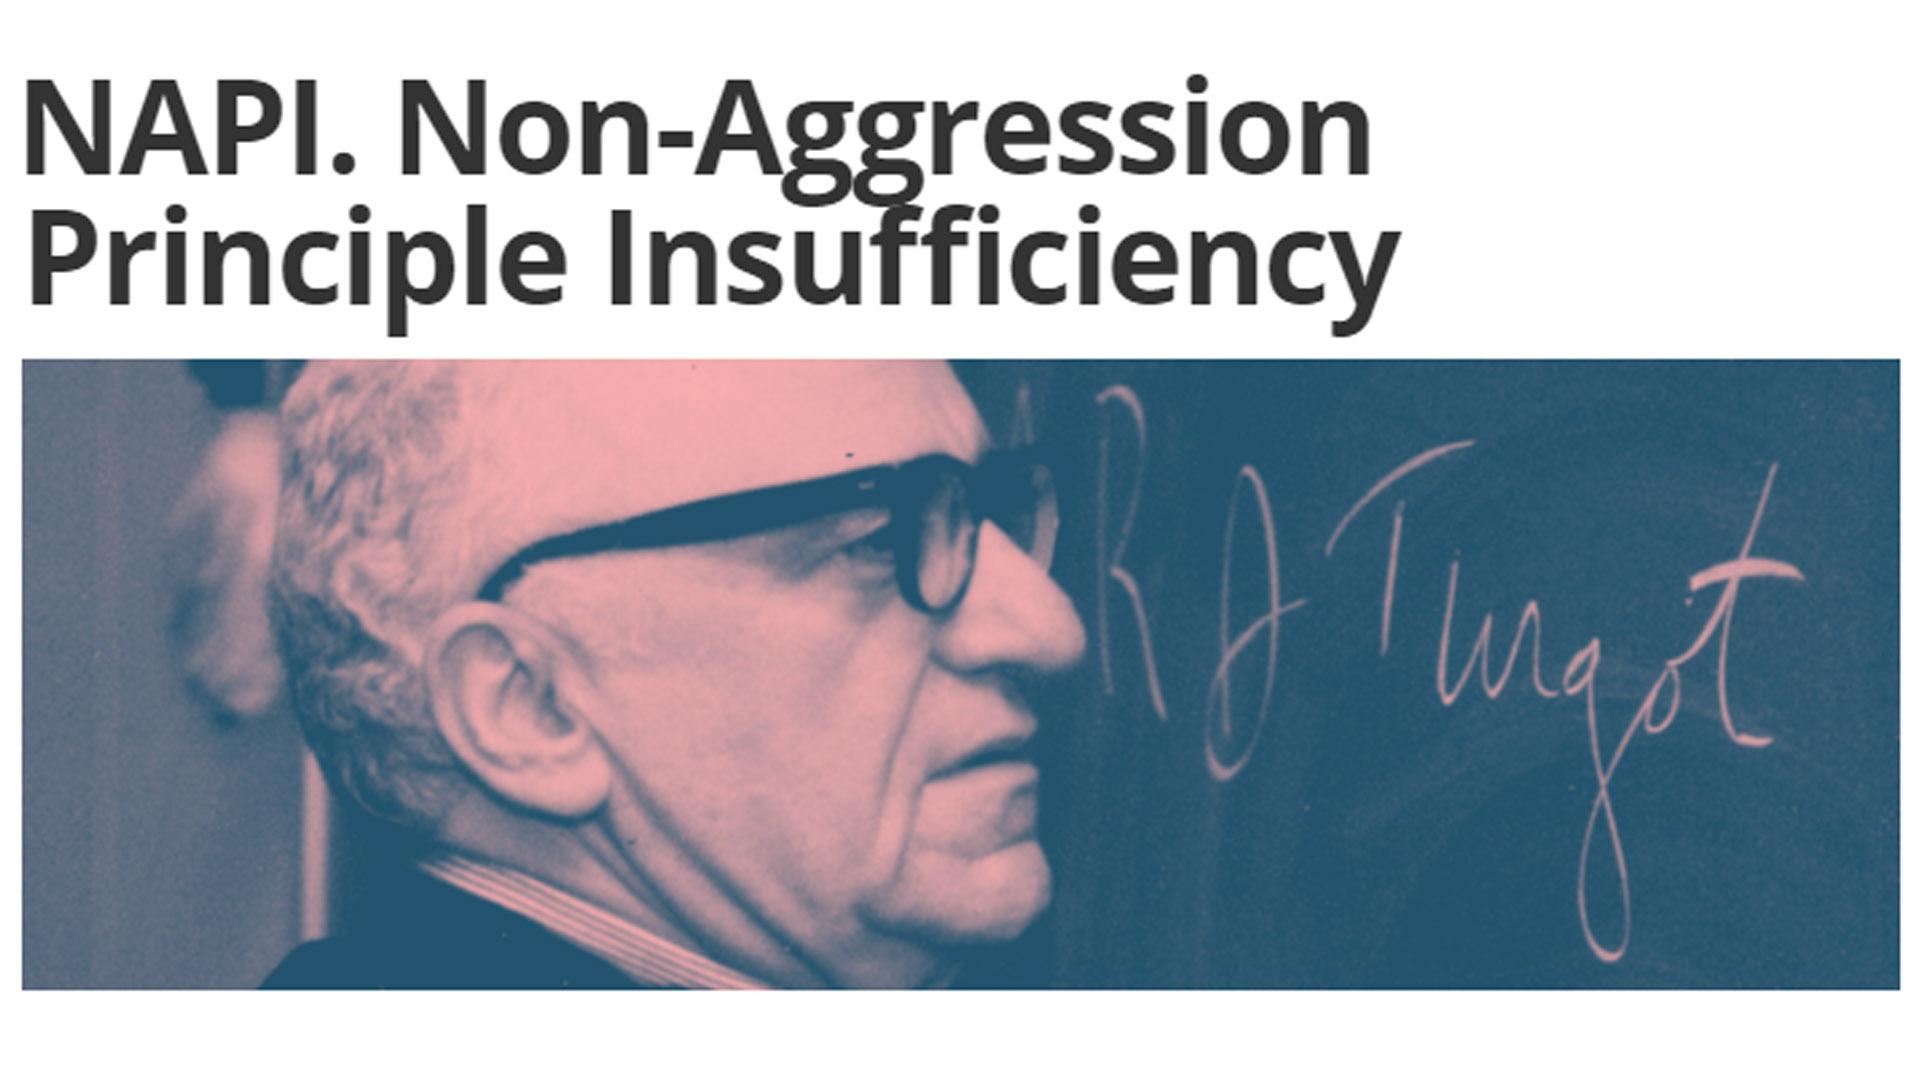 Non-Aggression Principle Insufficiency Rebuttal